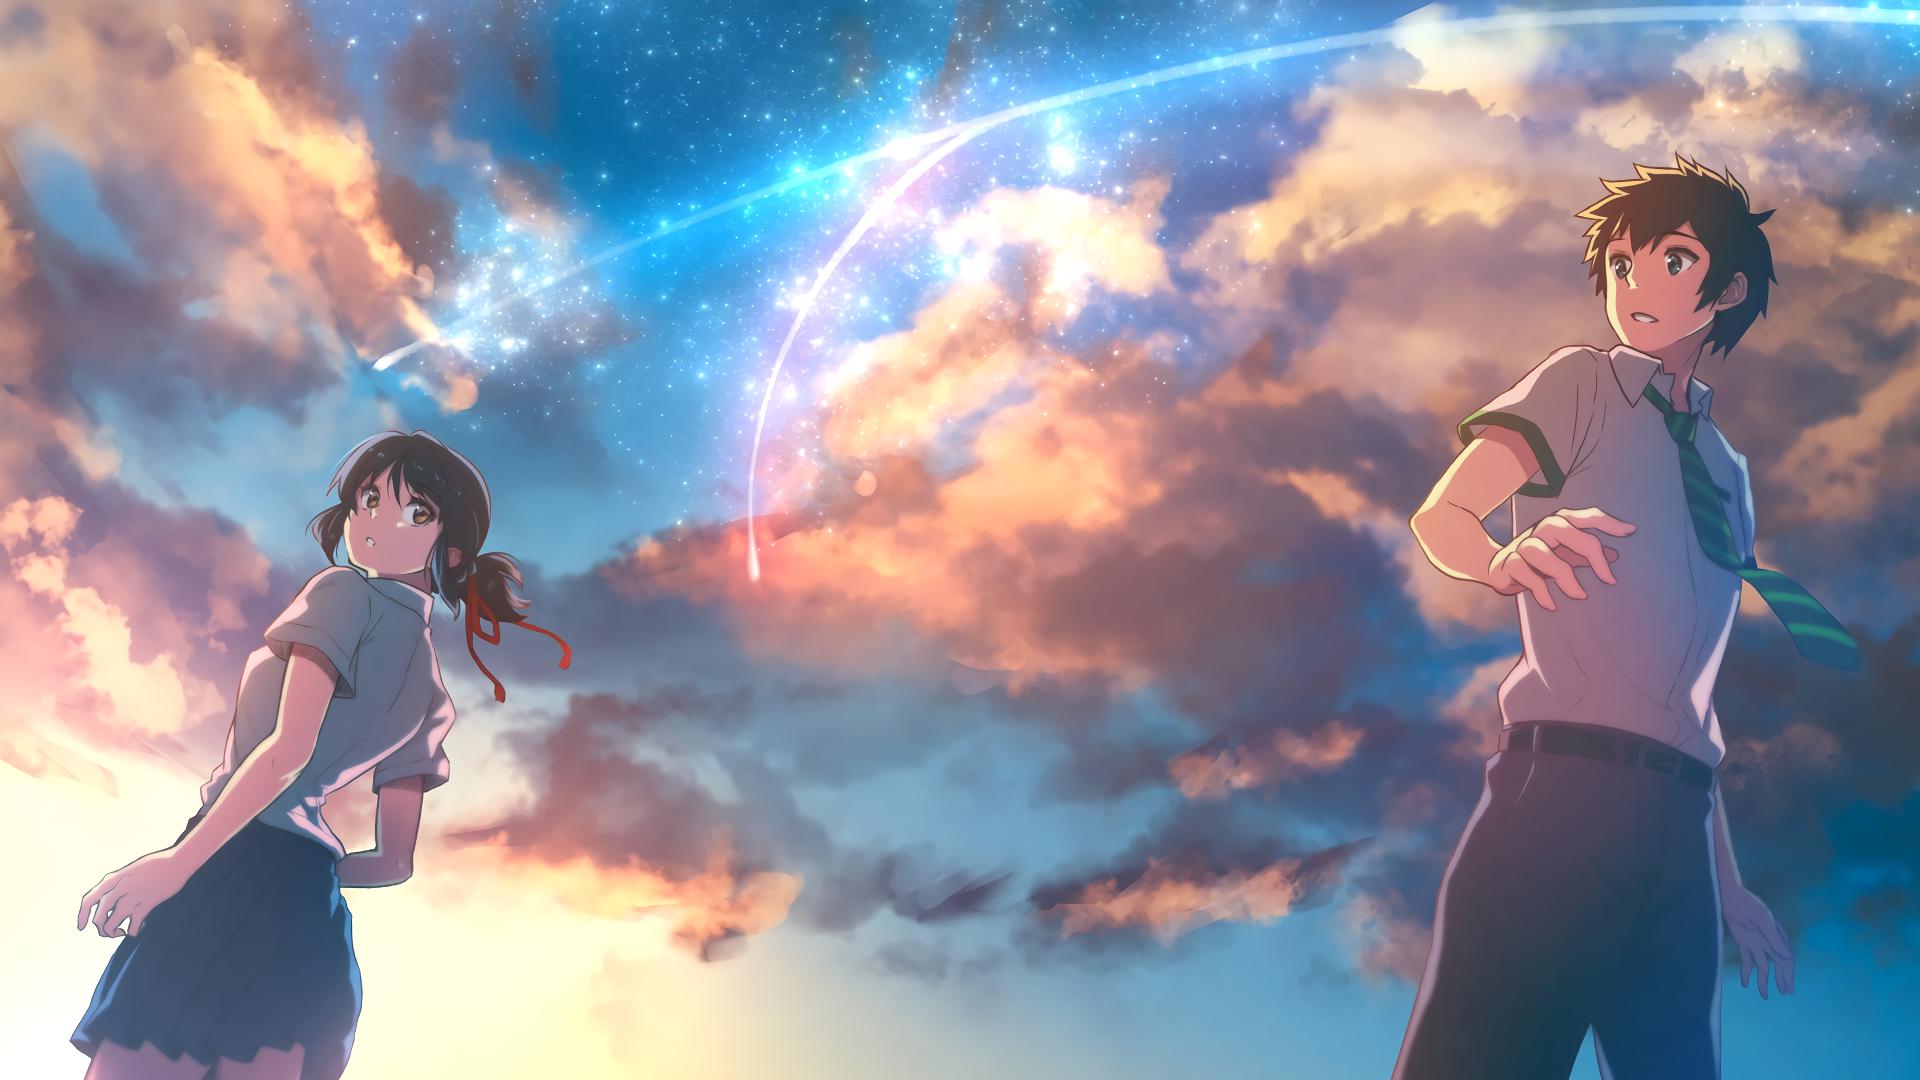 [Wallpaper] Tổng hợp hình nền anime Your Name